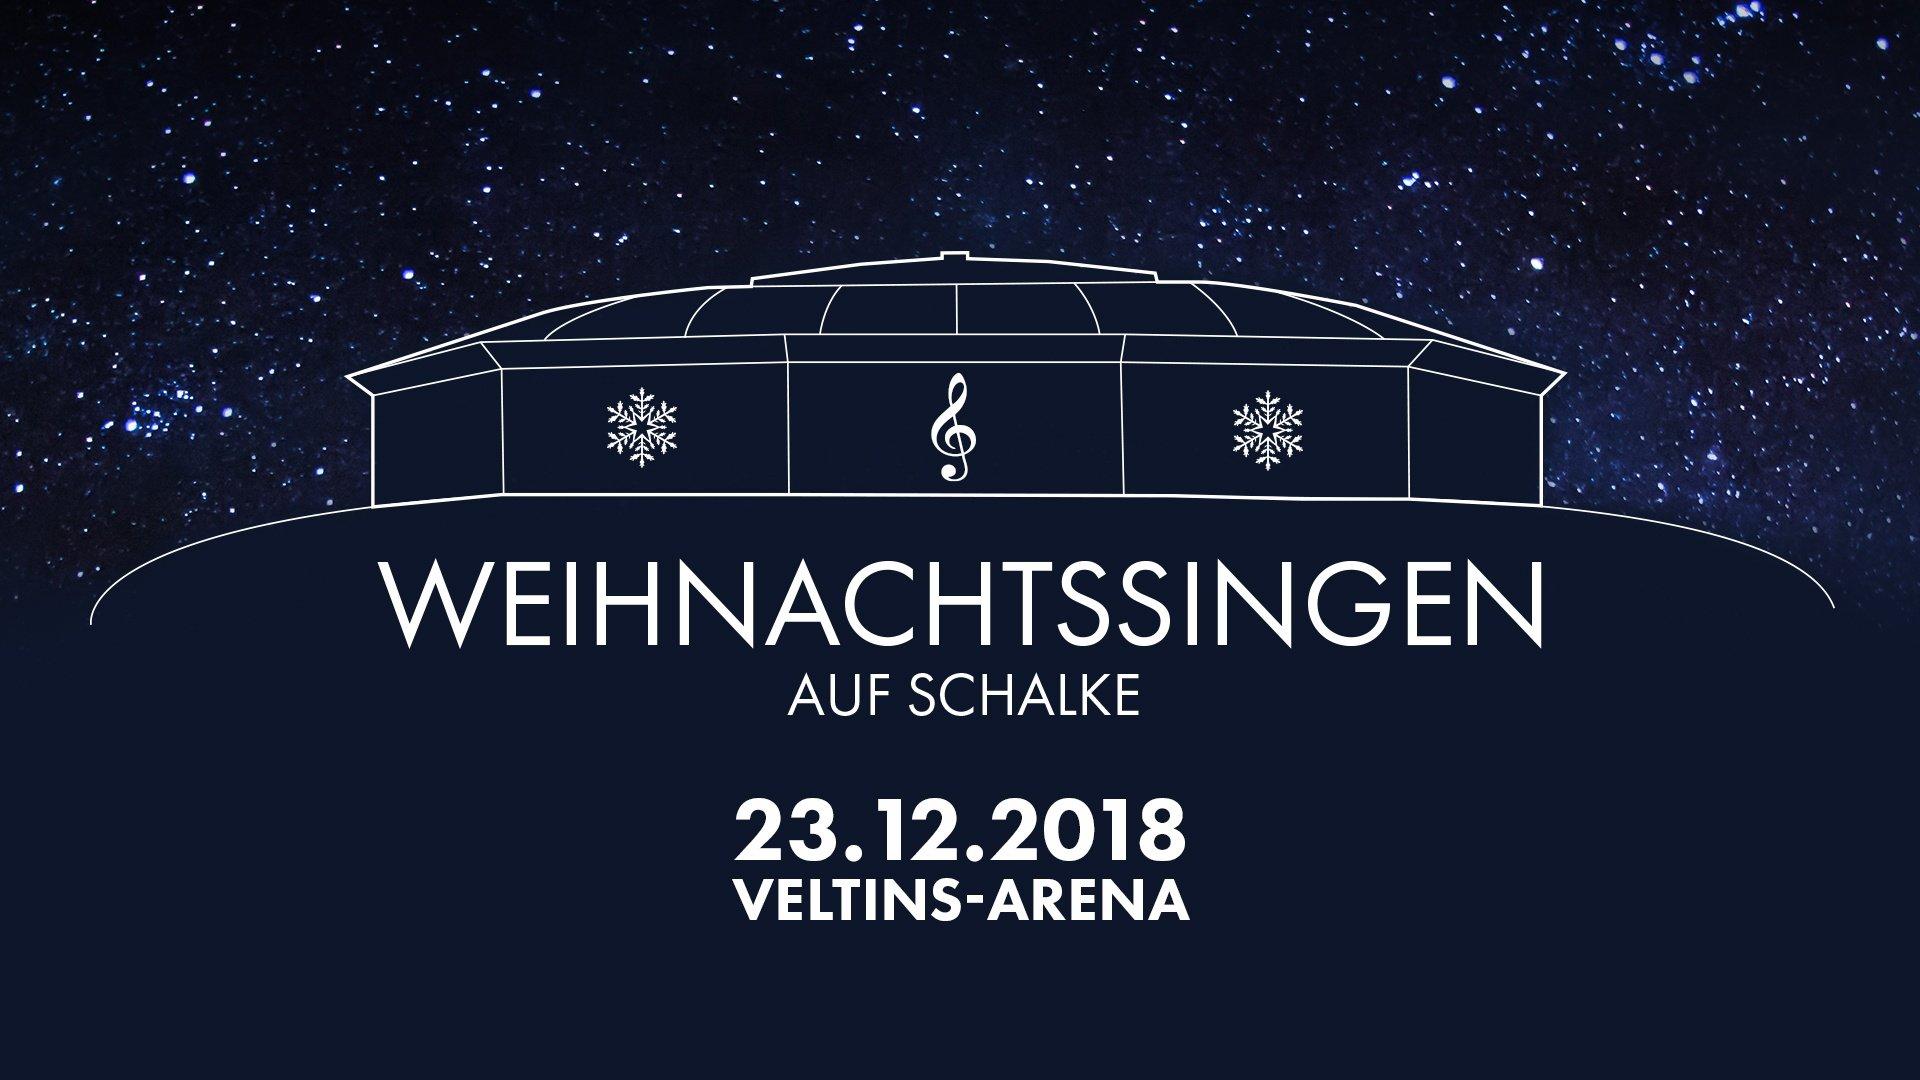 Weihnachtssingen Auf Schalke, 18. Dezember